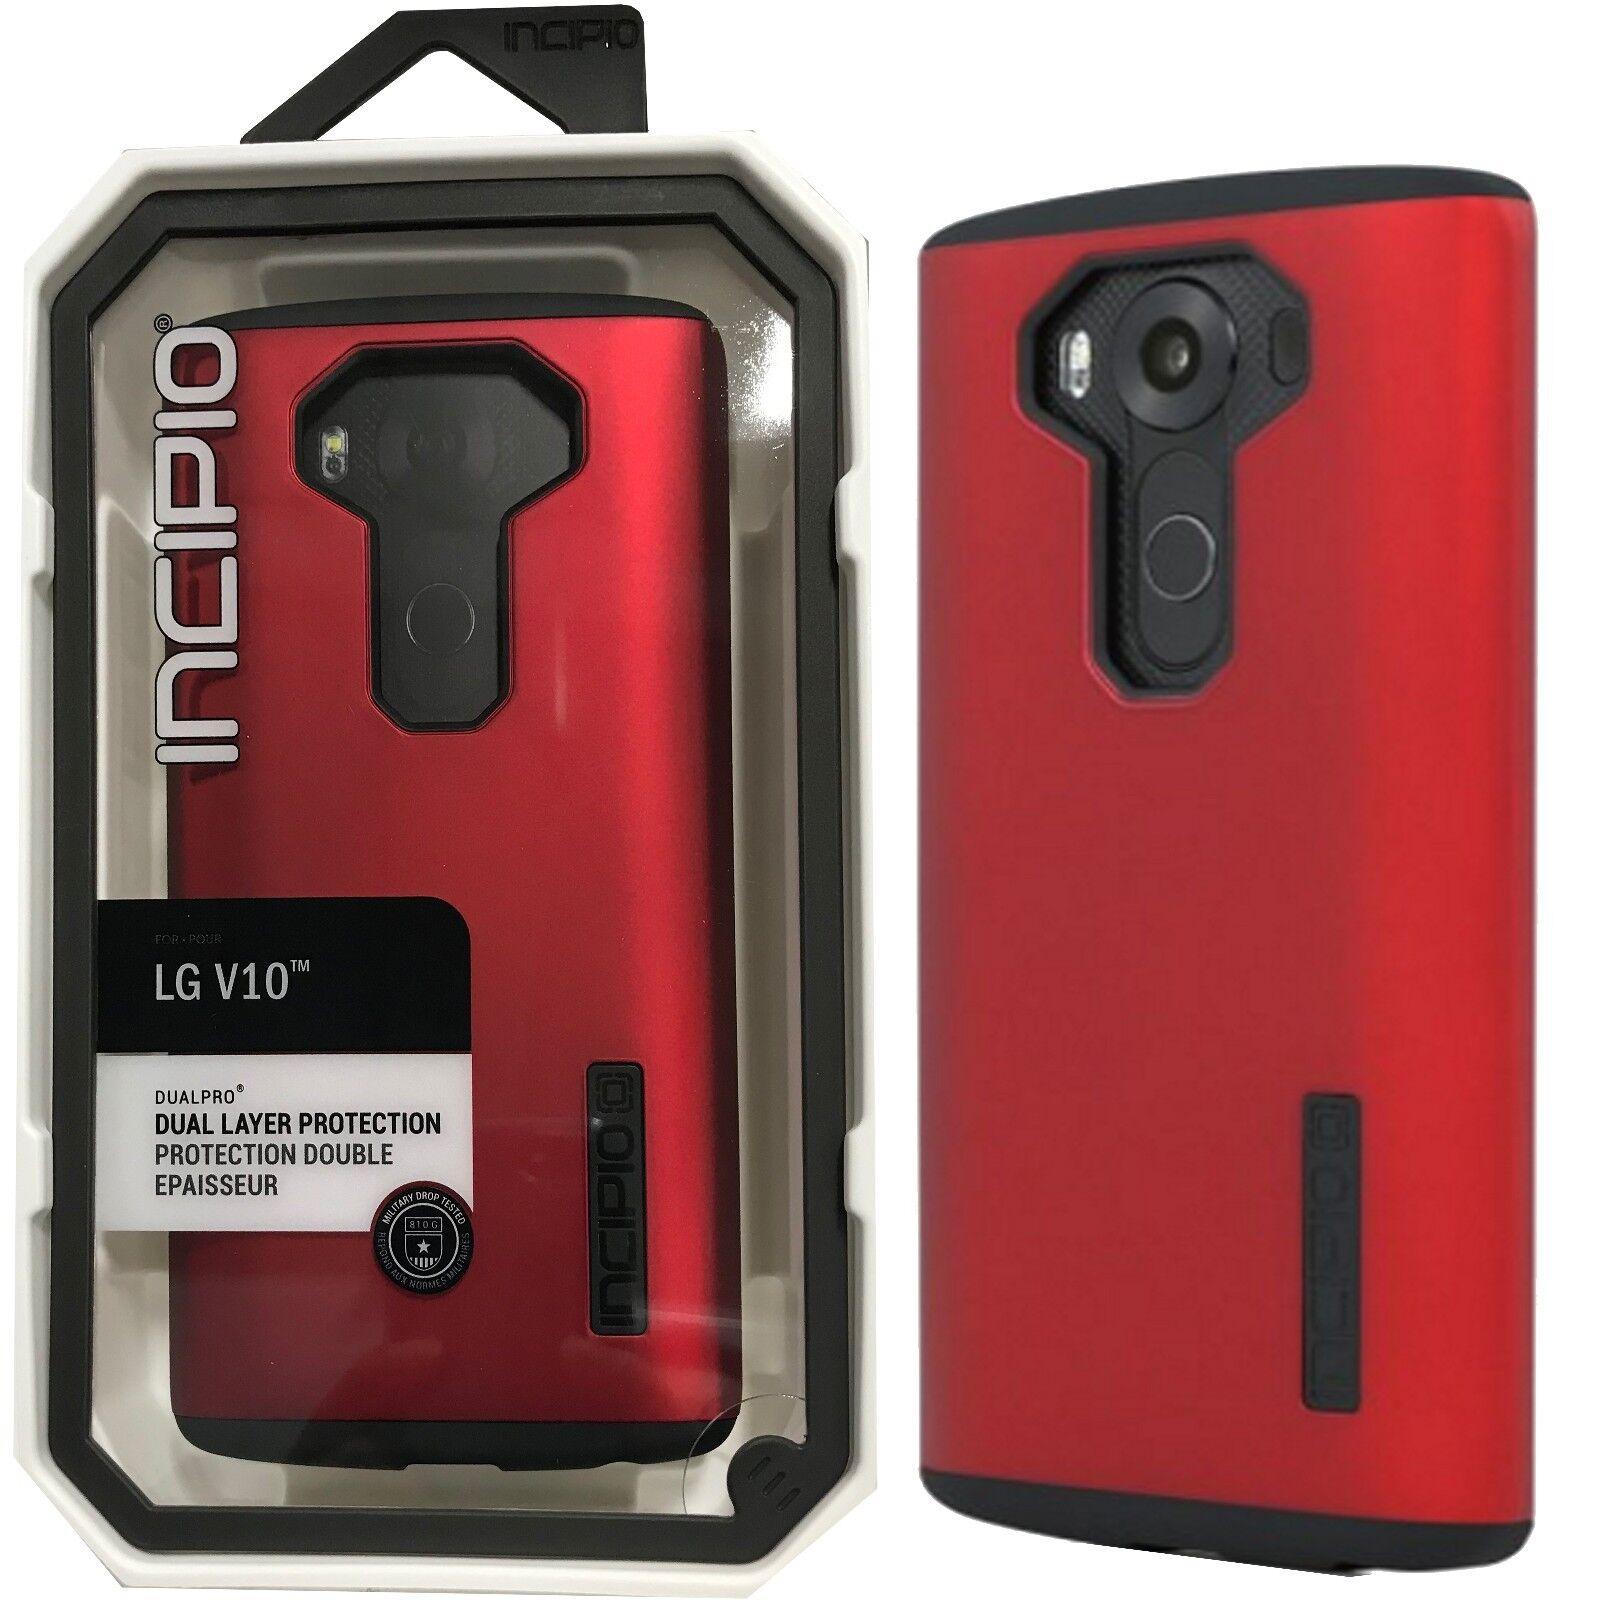 New in Box Incipio LG V10 Iridescent Red / Black DualPro